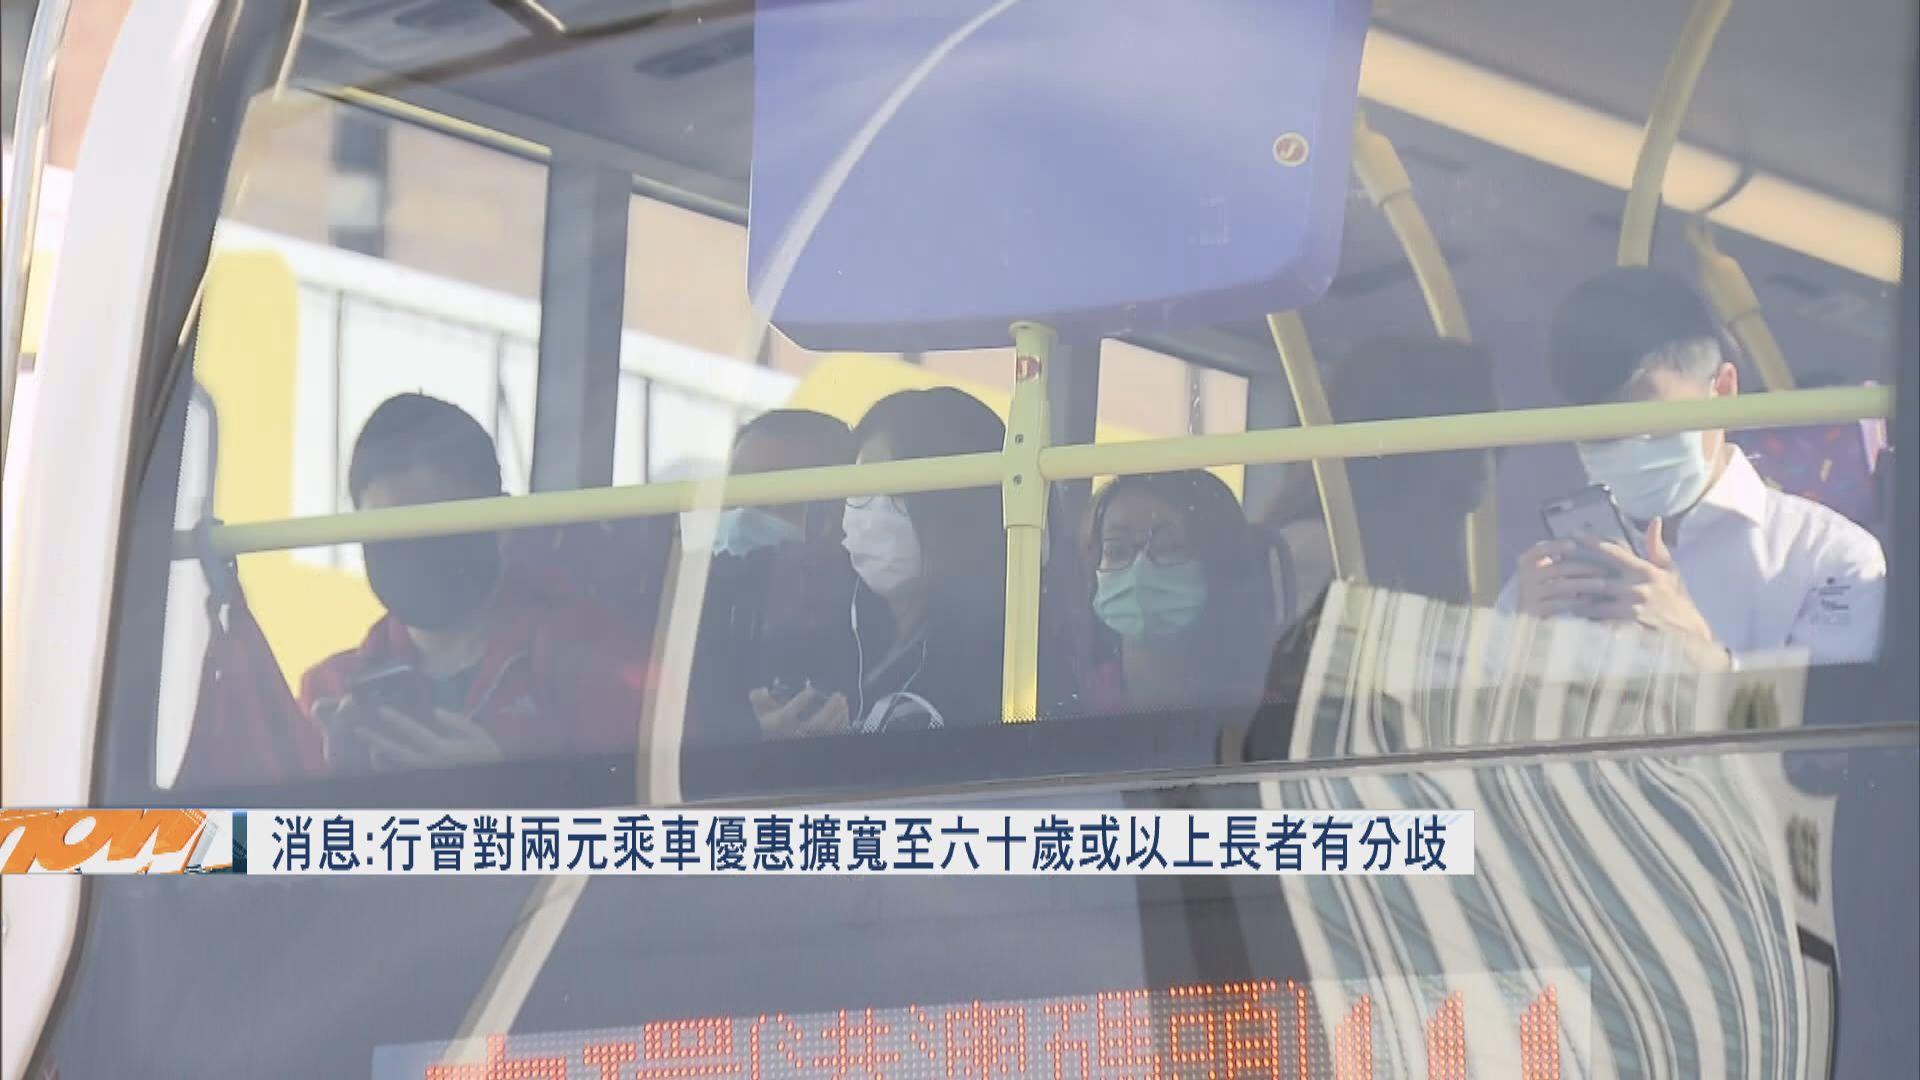 消息:行會對兩元乘車優惠擴至六十歲或以上長者有分歧